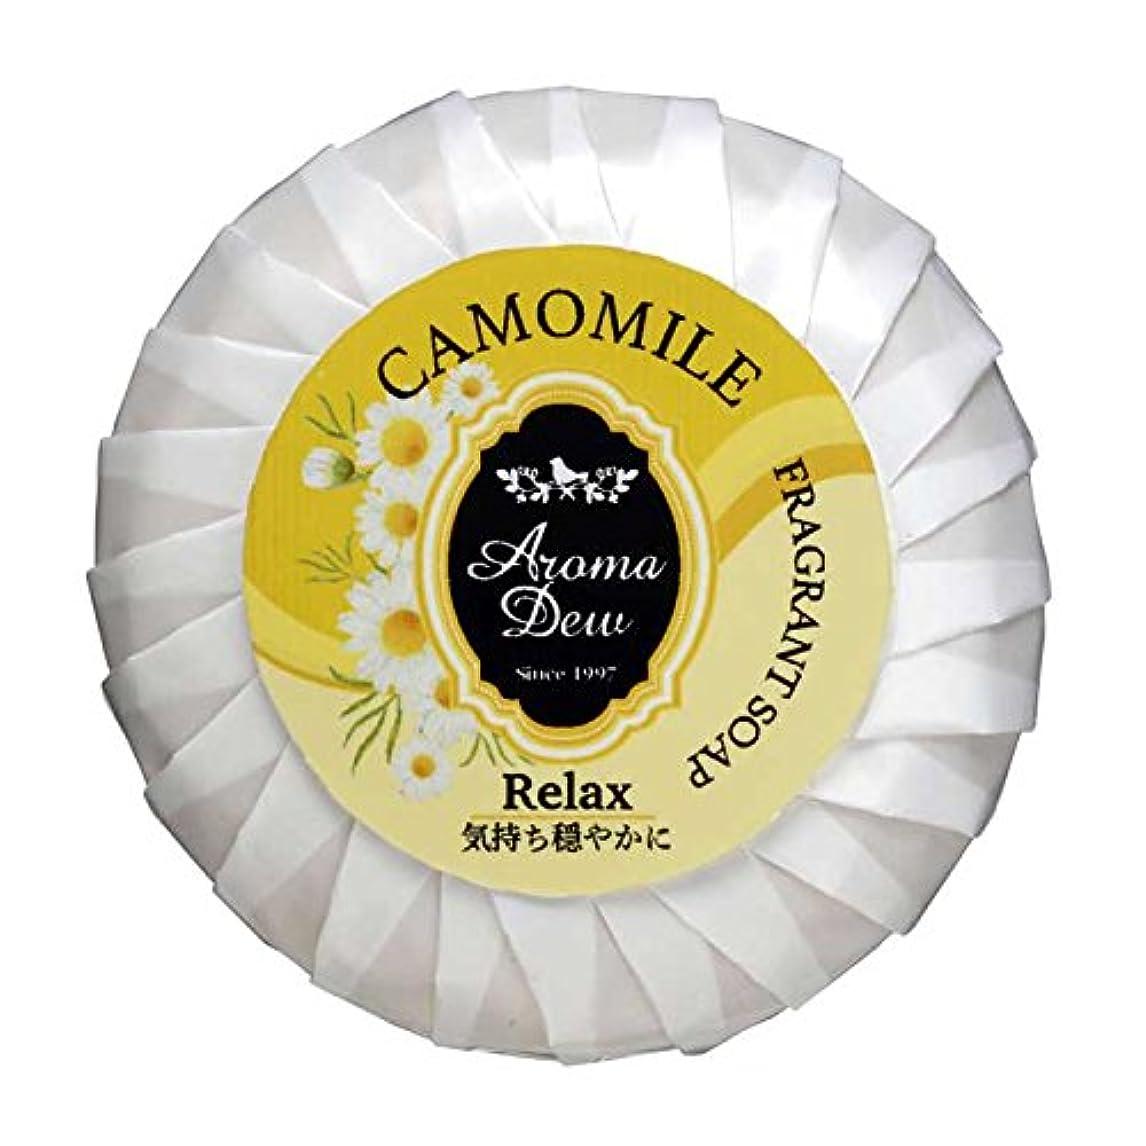 設計味ブルジョンアロマデュウ フレグラントソープ カモミールの香り 100g